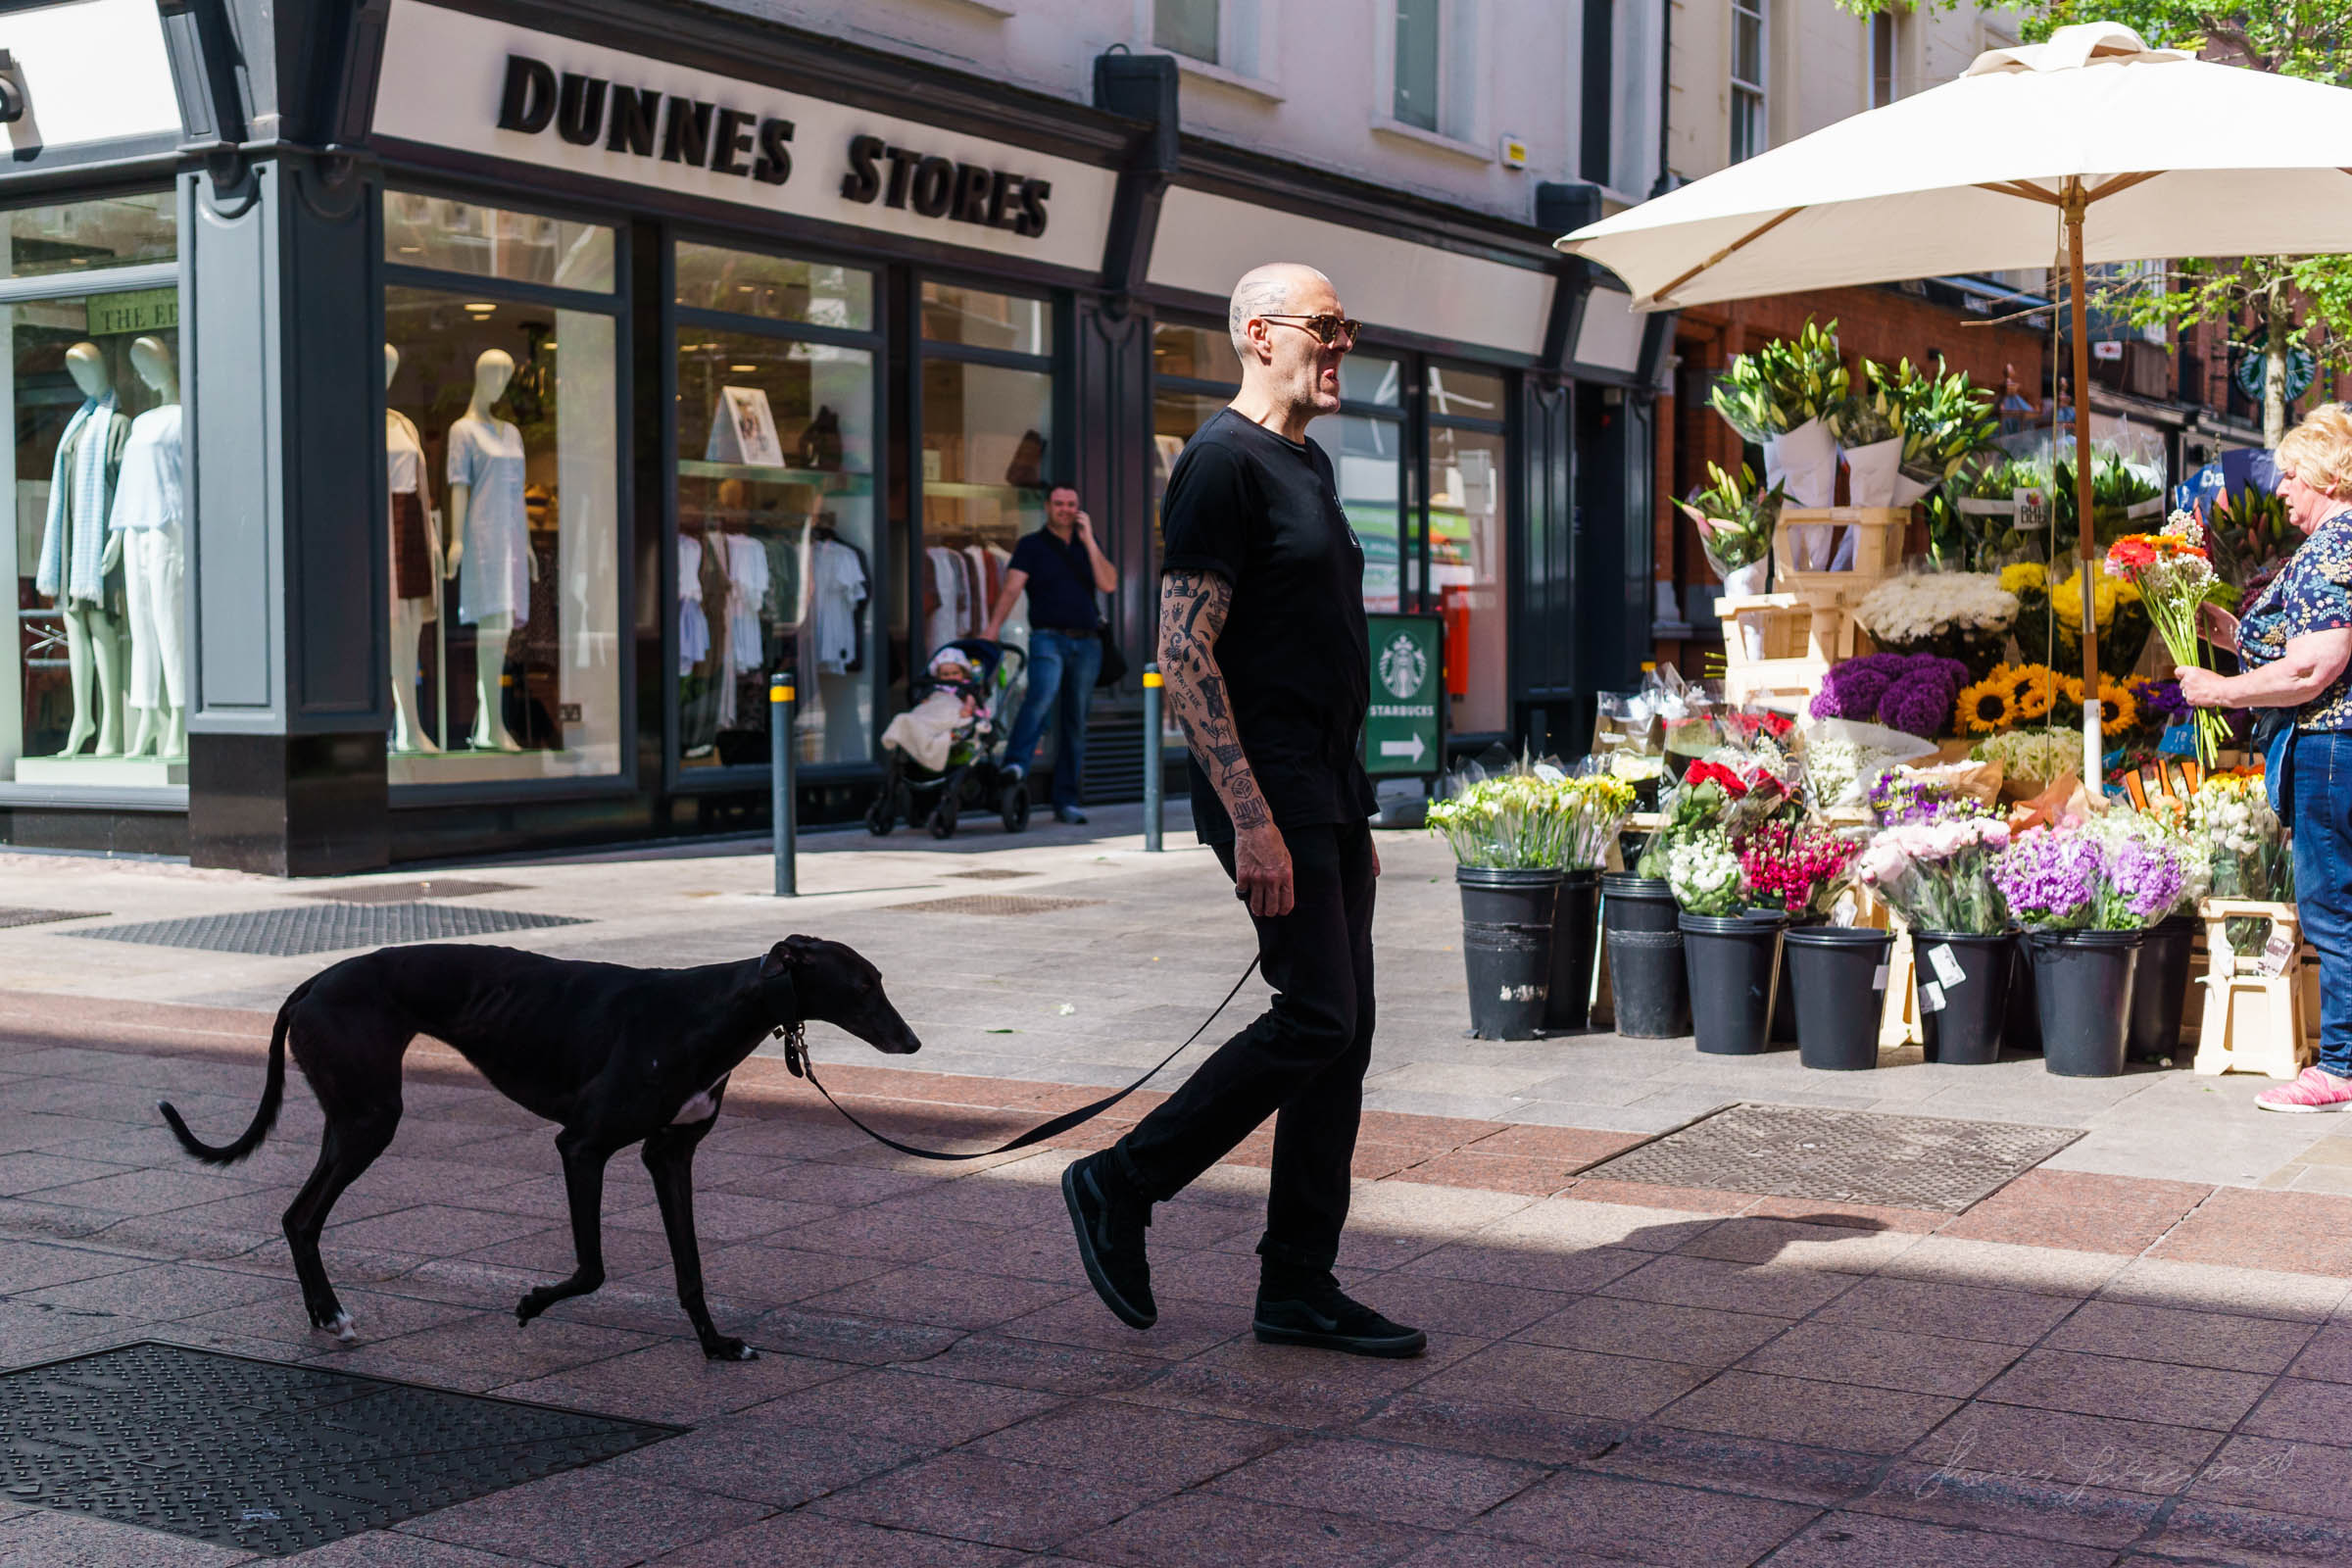 Man walking Greyhound